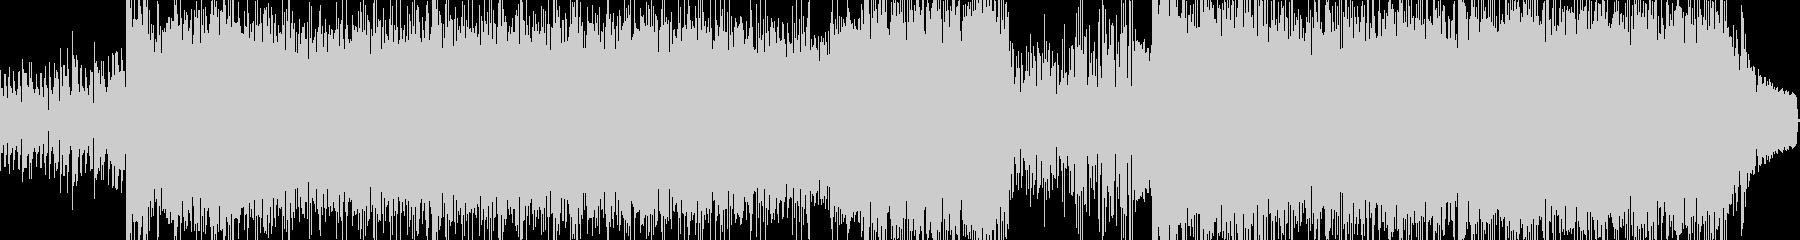 速いテンポのドラムンベースの未再生の波形